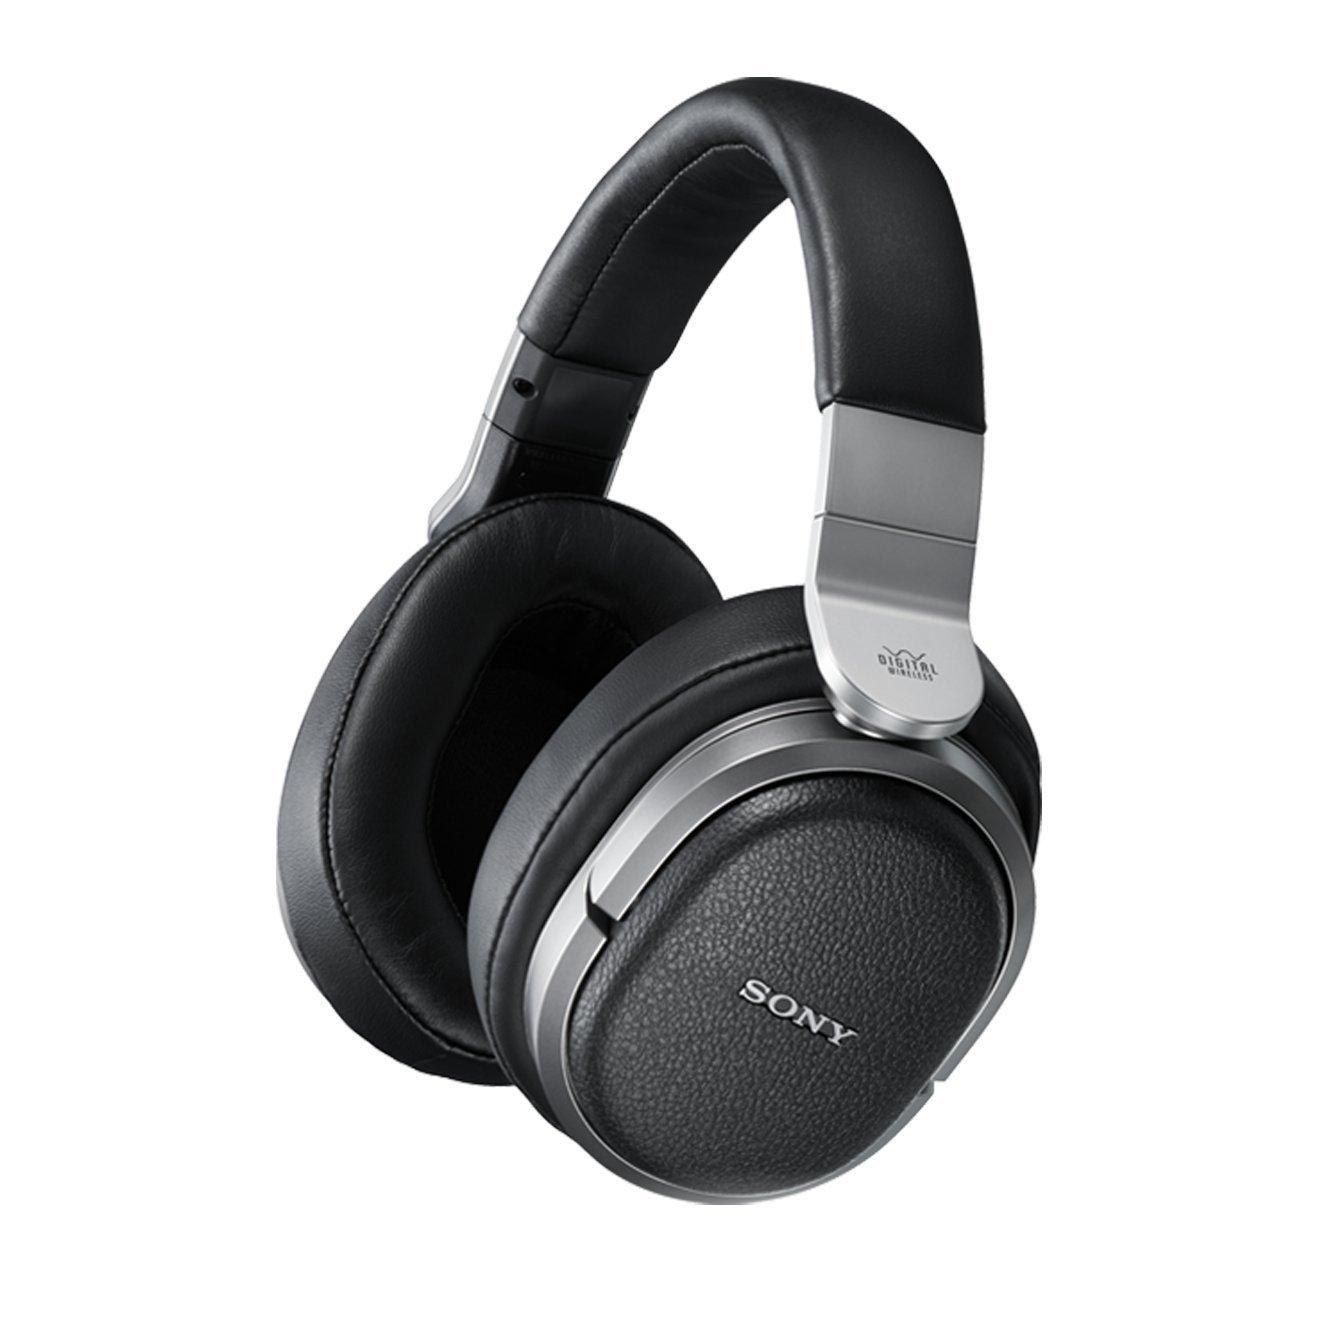 [amazon] Sony MDR-HW700DS9.1 Digital Surroundsystem Kopfhörer